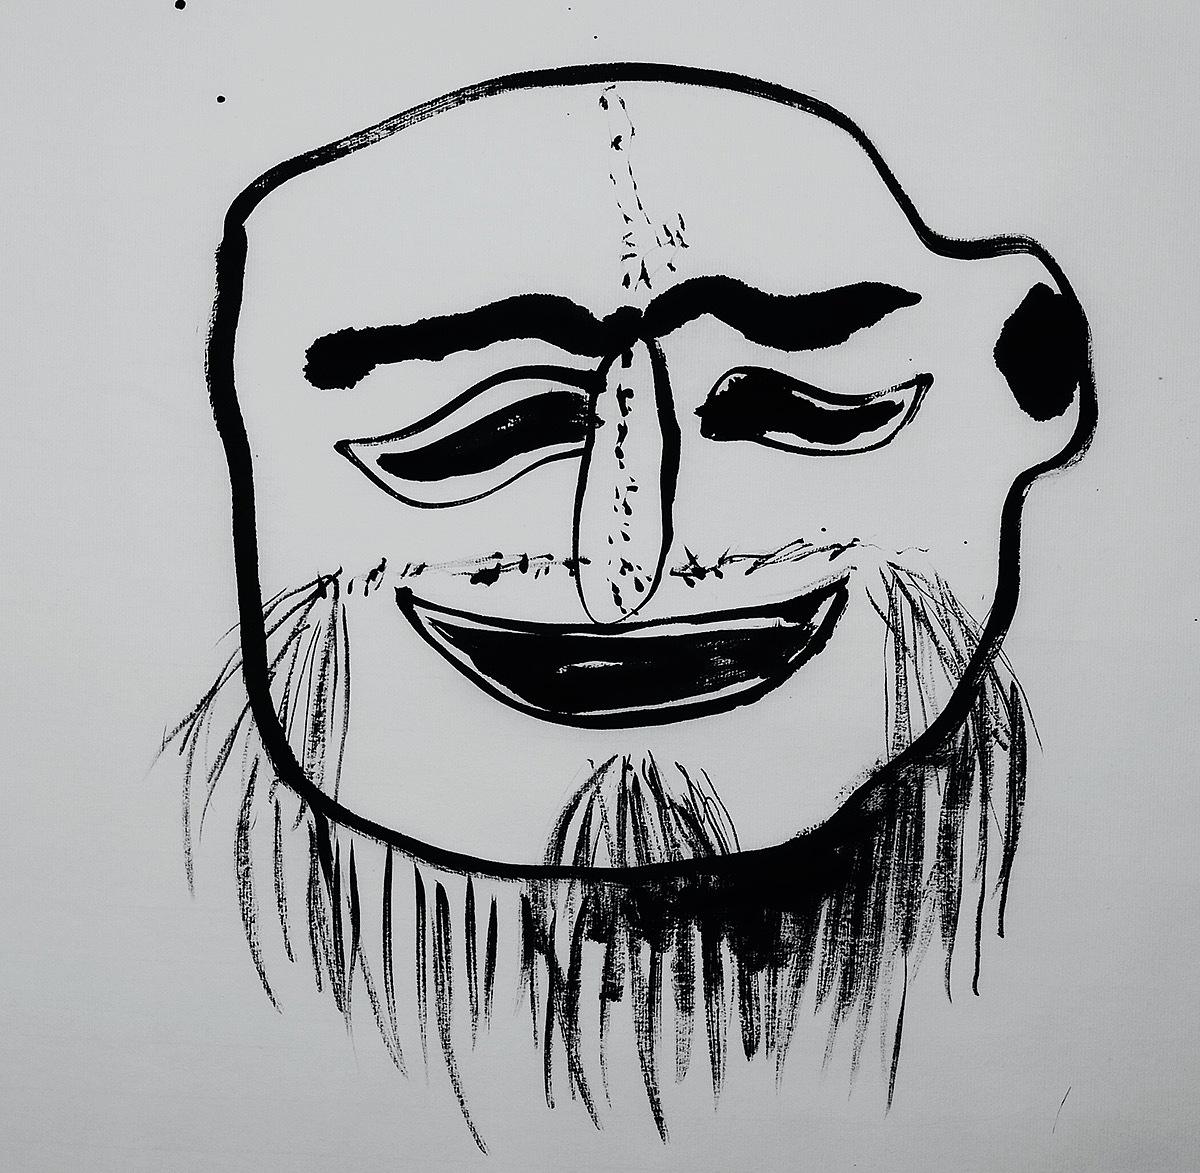 彩色面具脸